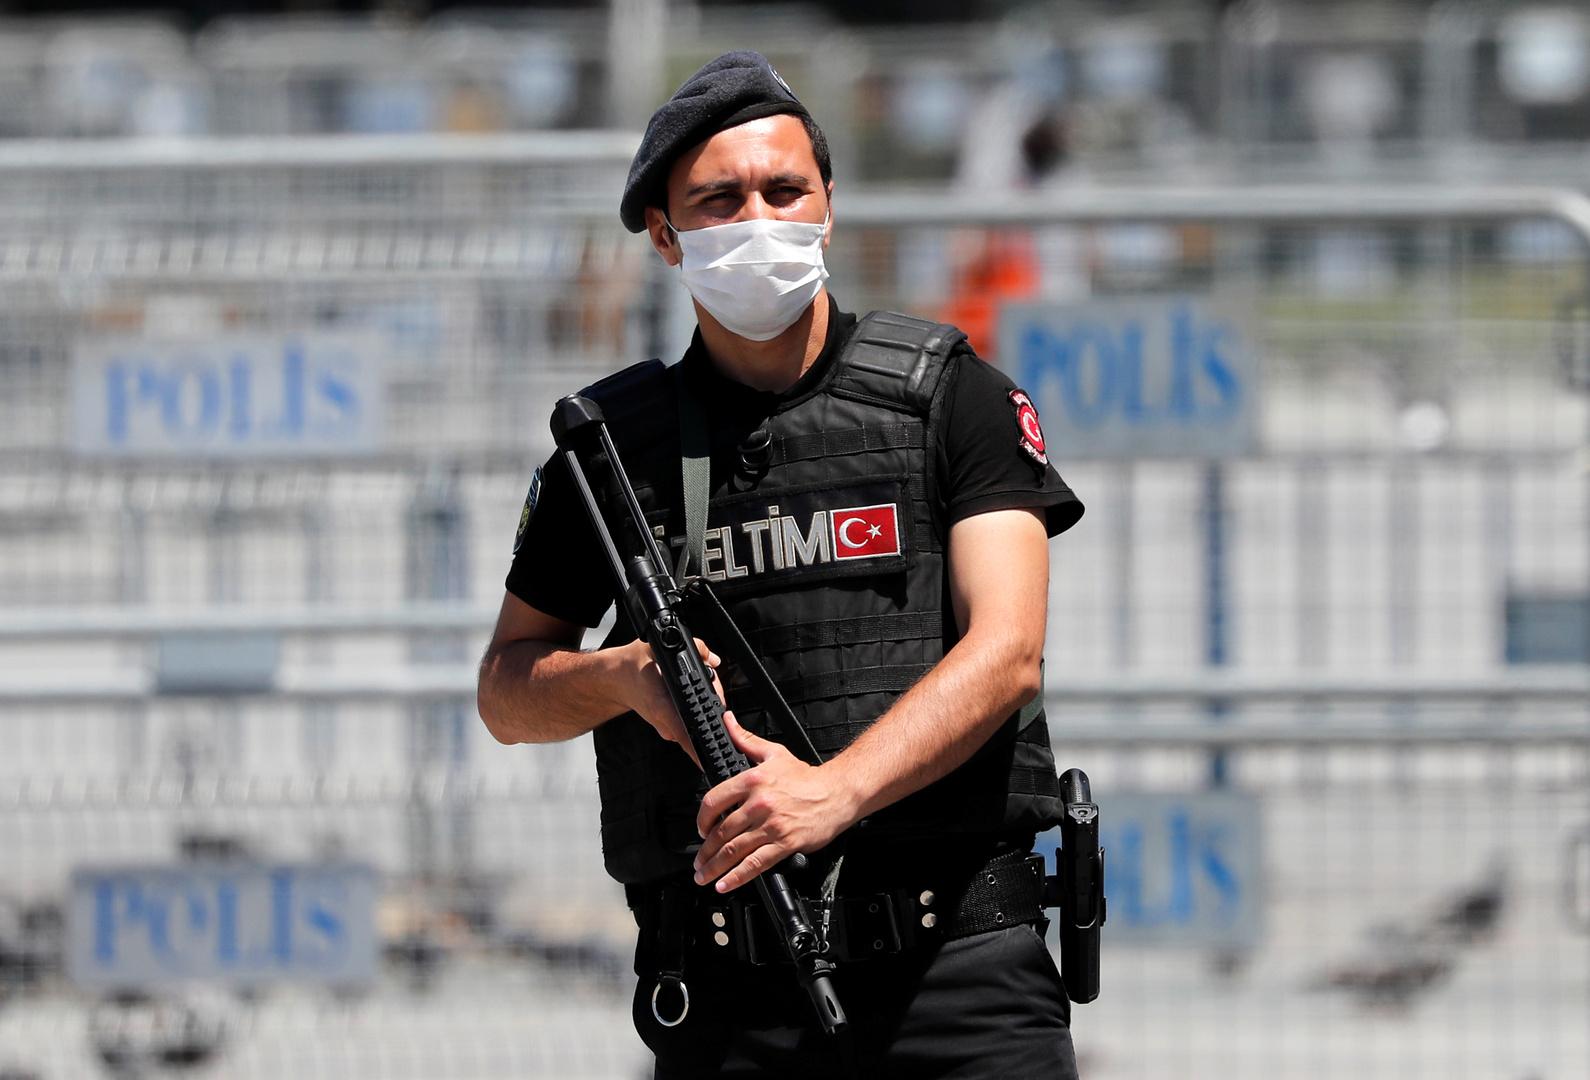 تركيا تطلق عملية أمنية جديدة ضد حزب العمال الكردستاني